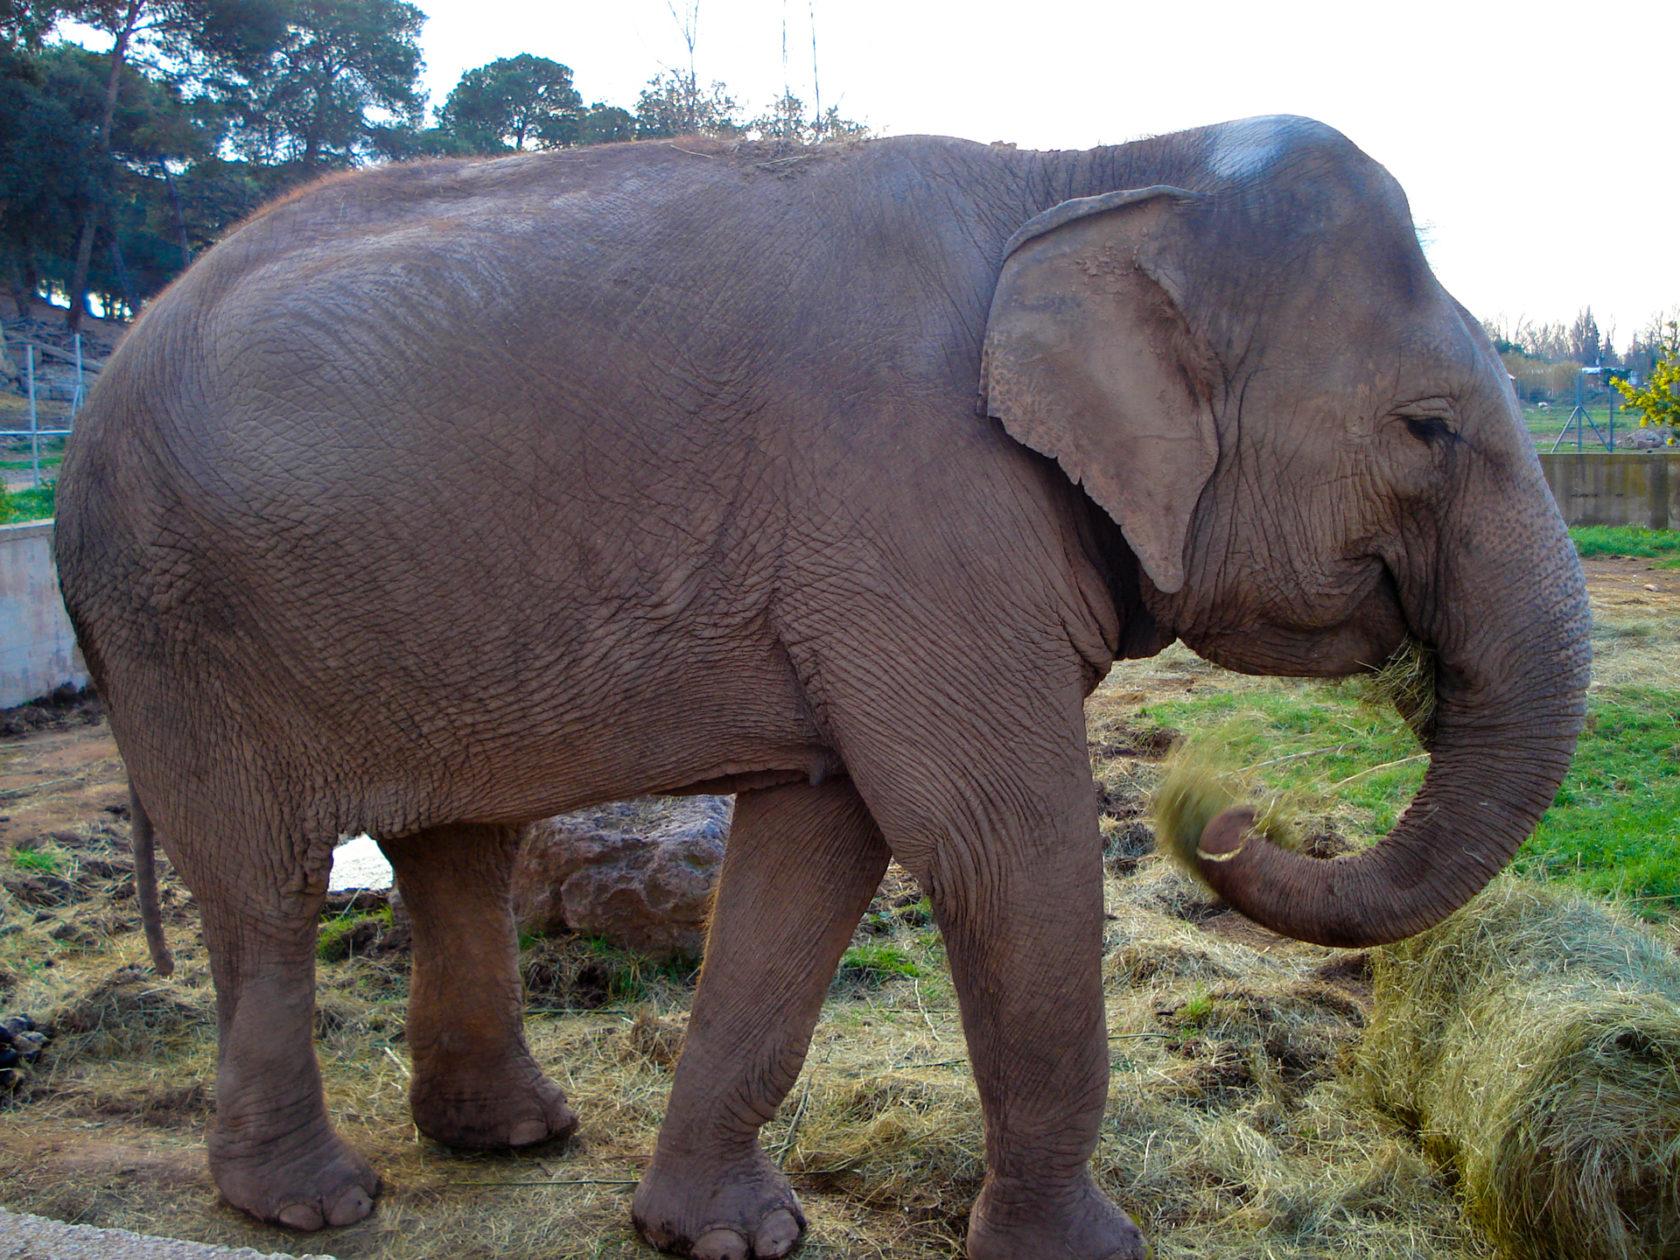 L'éléphant d'asie - Parc zoologique de fréjus